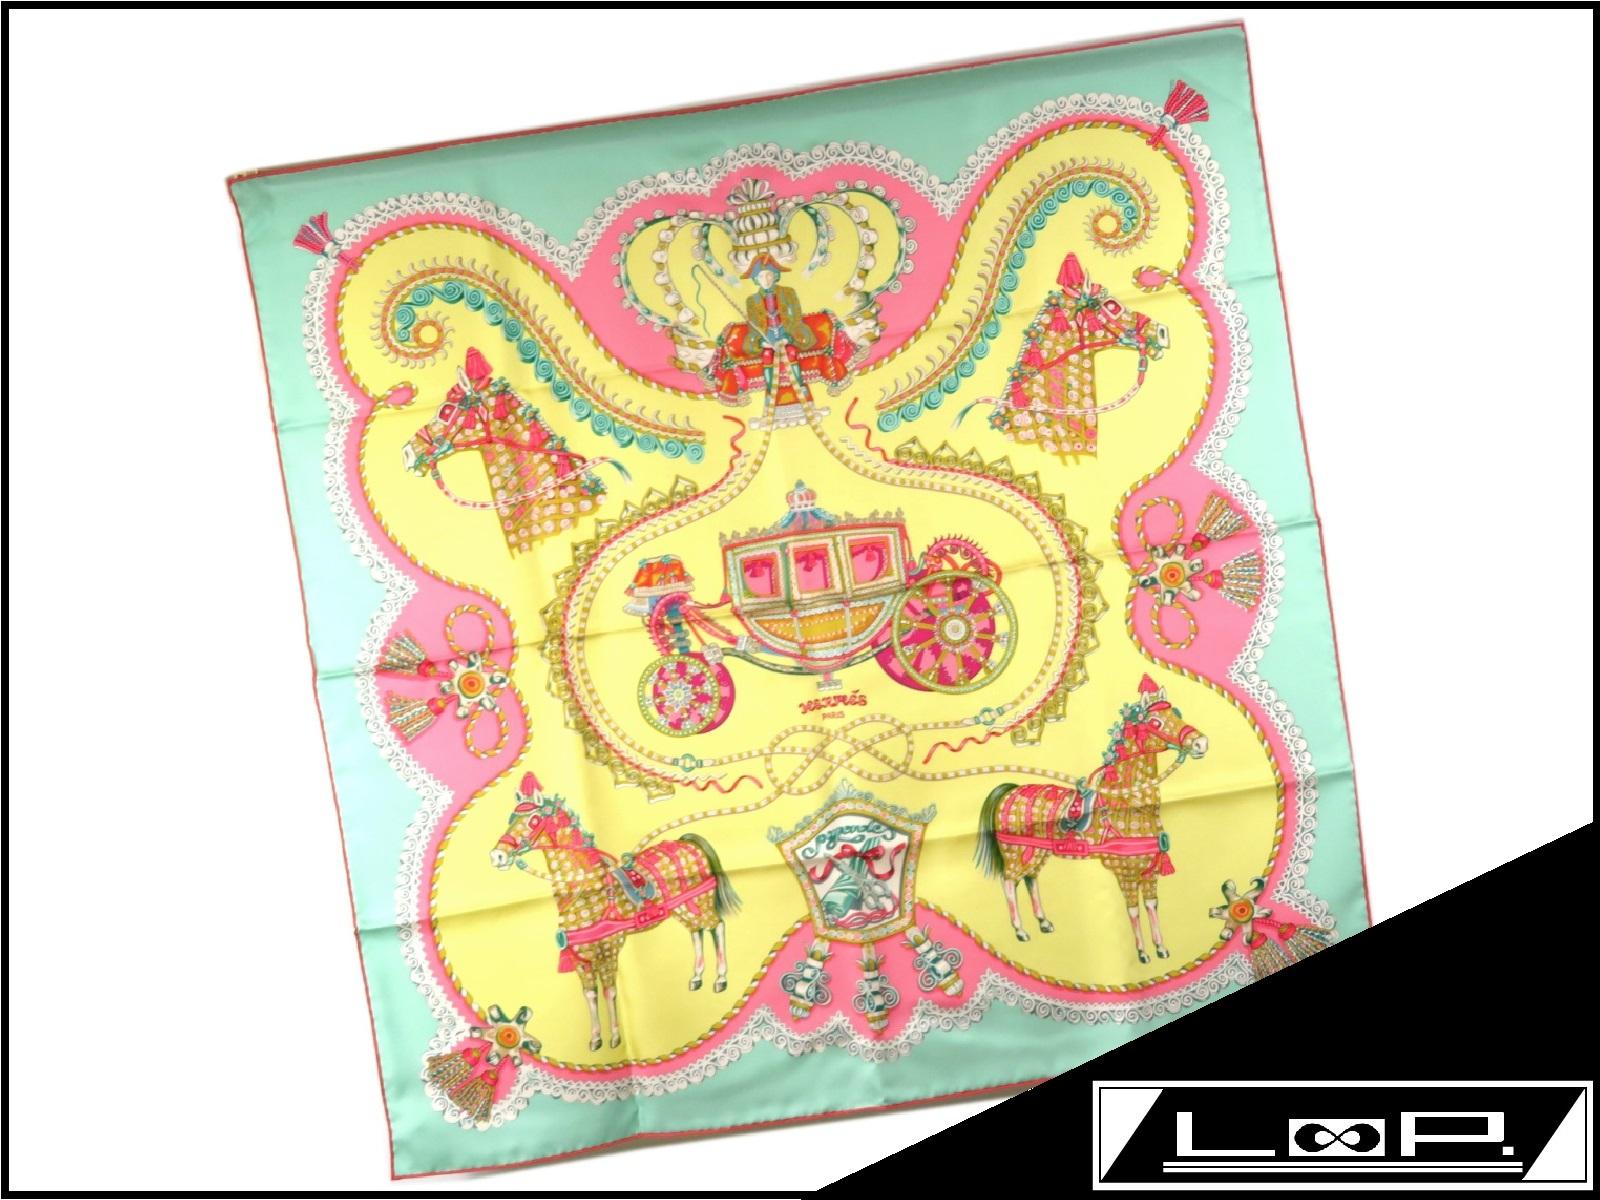 【未使用】 HERMES エルメス カレ 90 paperole パプロール 馬車と貴族 スカーフ シルク イエロー 黄色 グリーン 緑 【A22418】 【中古】